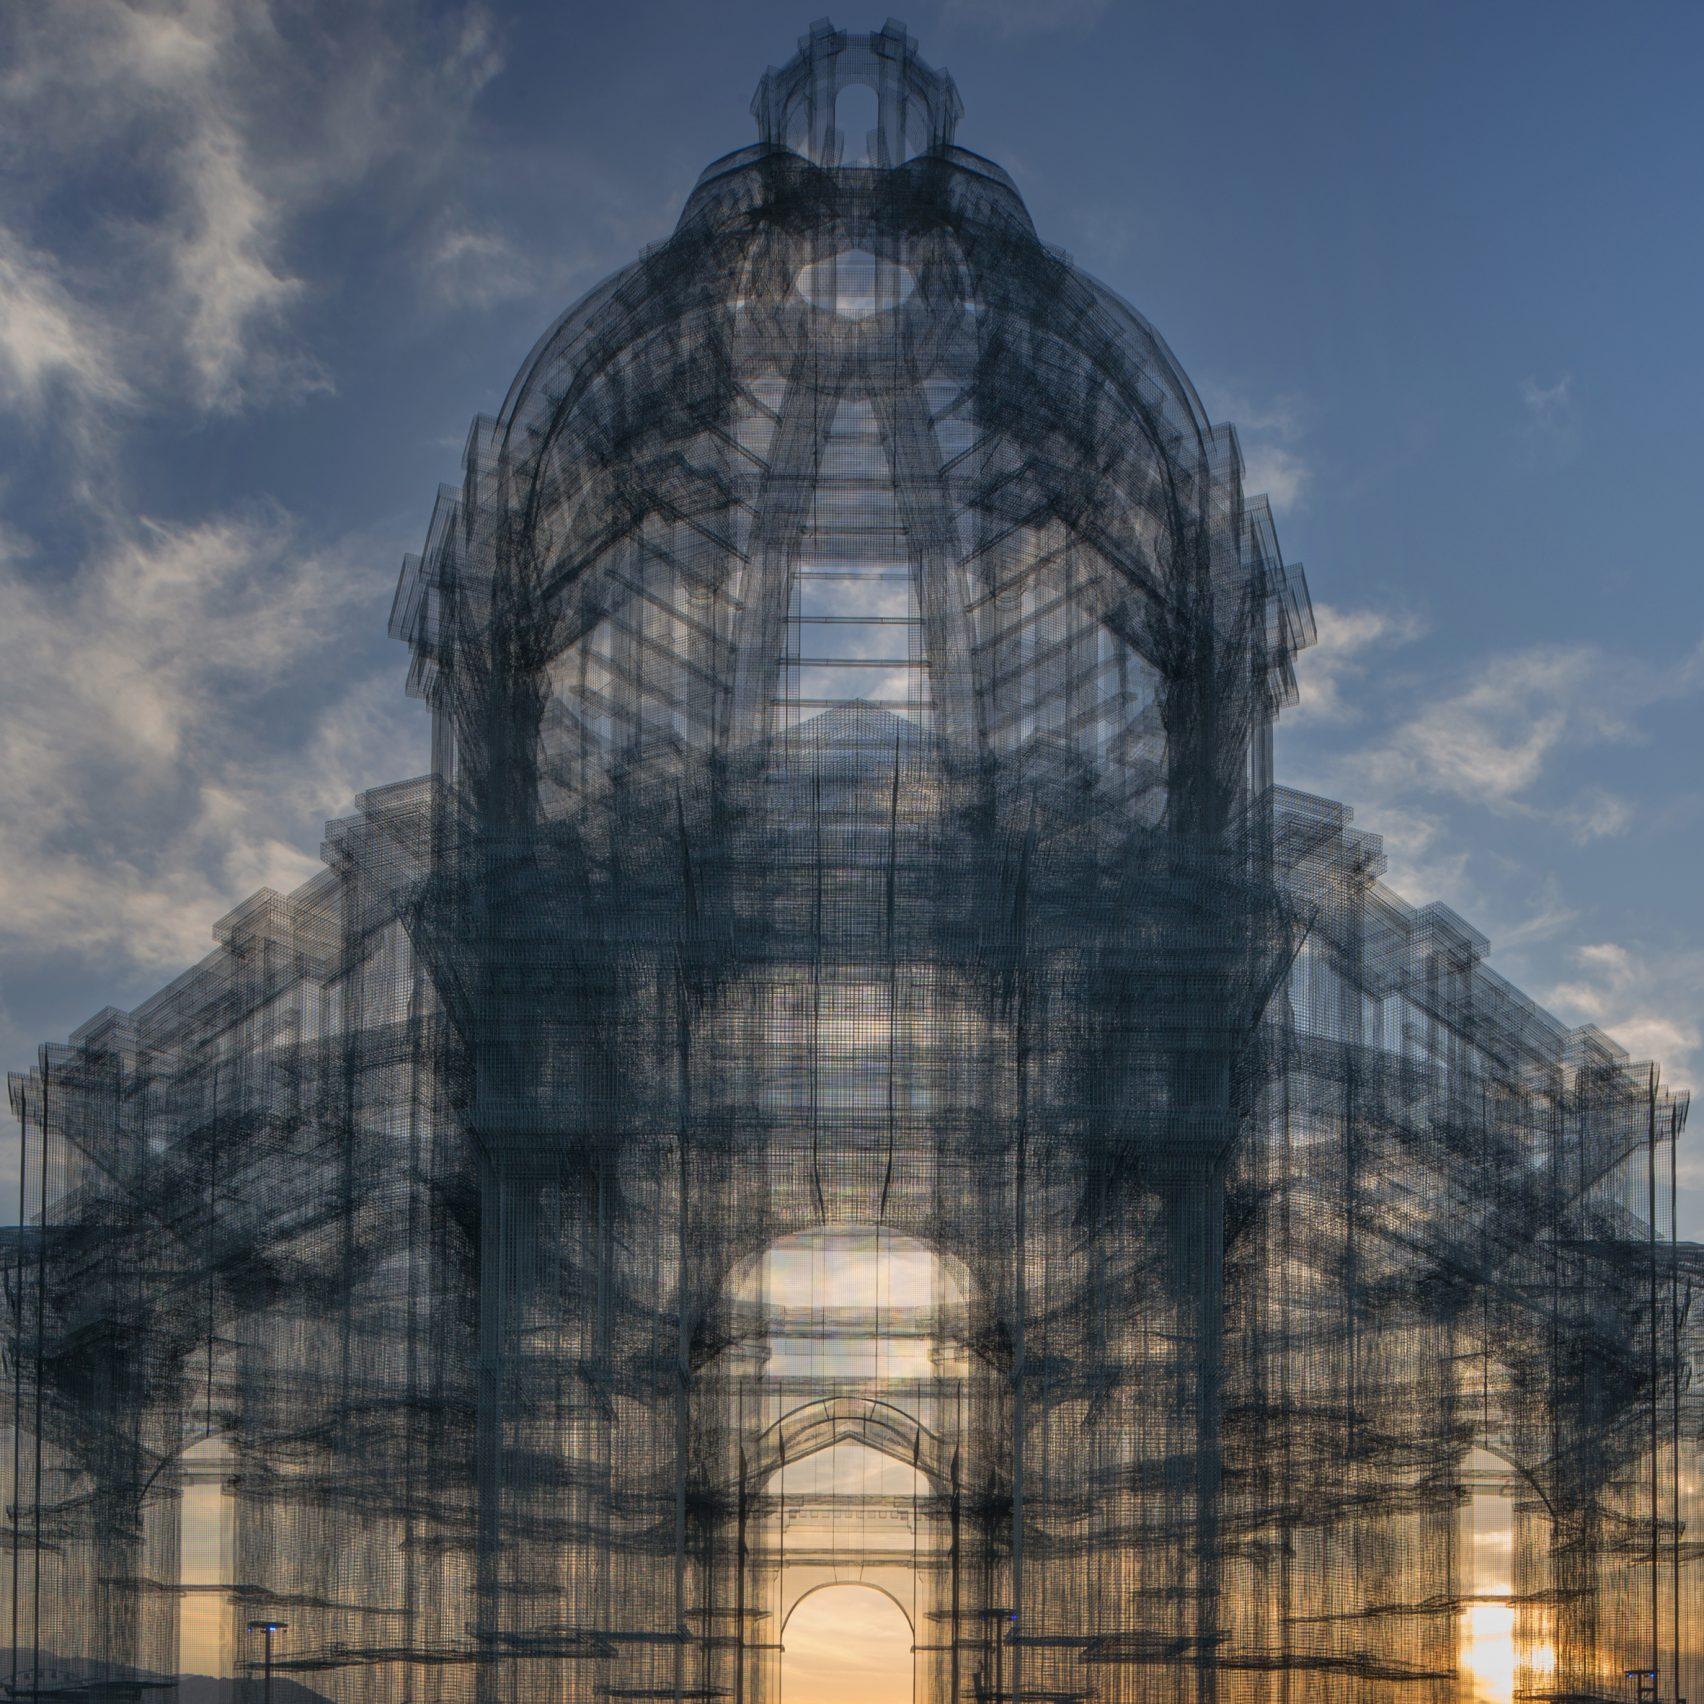 Siatka druciana uformowana w budowlę kościelną na tle nieba.